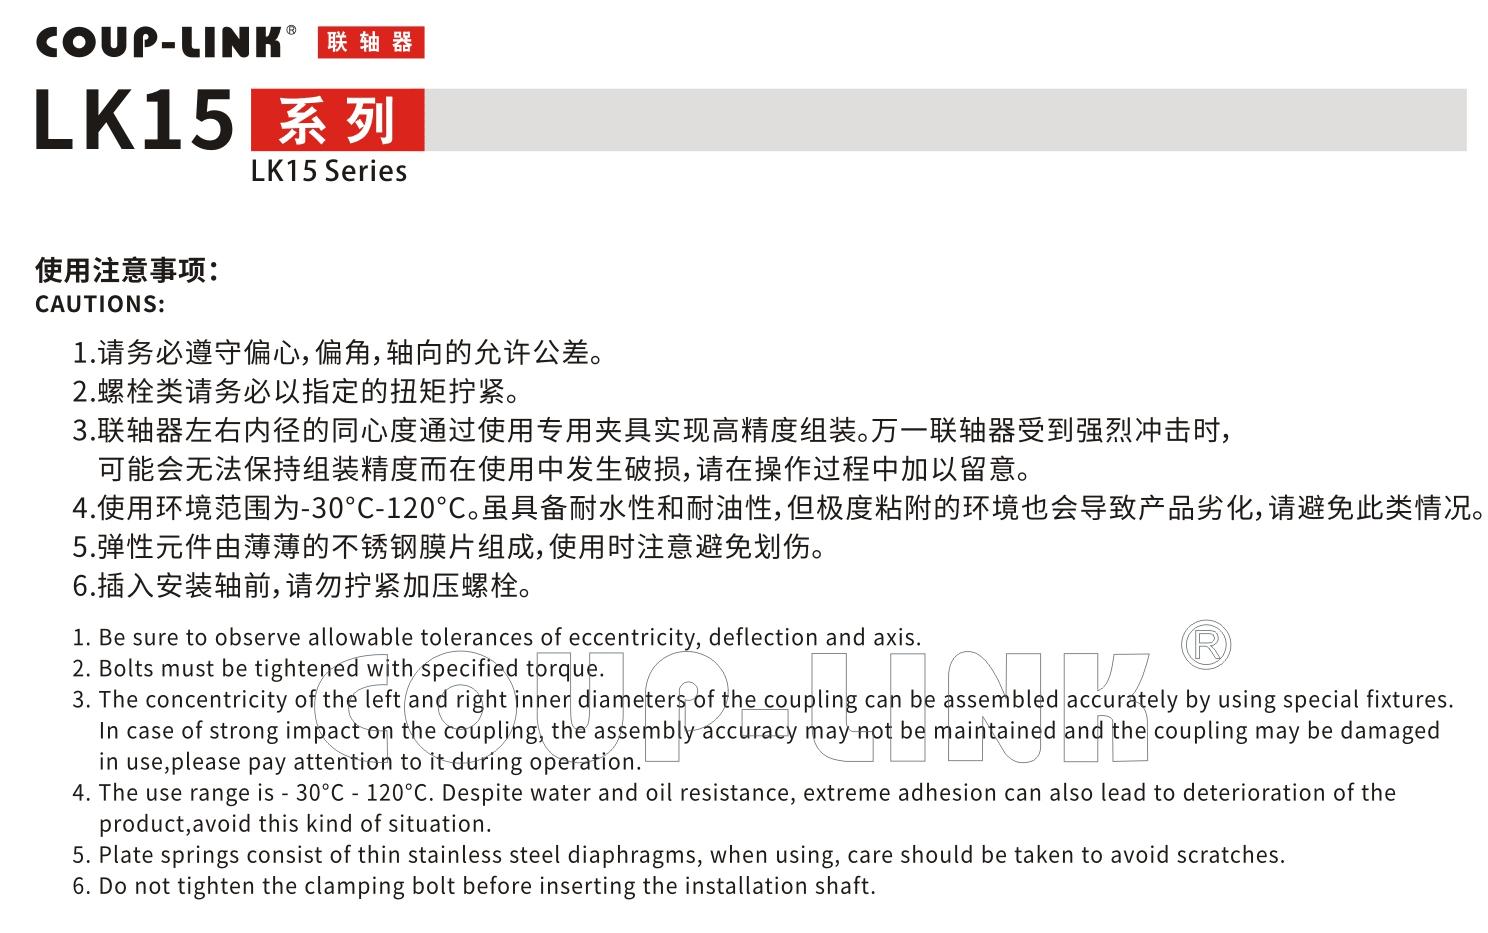 LK15系列 单节胀套上葡京客户端官网_首页_联轴器种类-广州菱科自动化设备有限公司